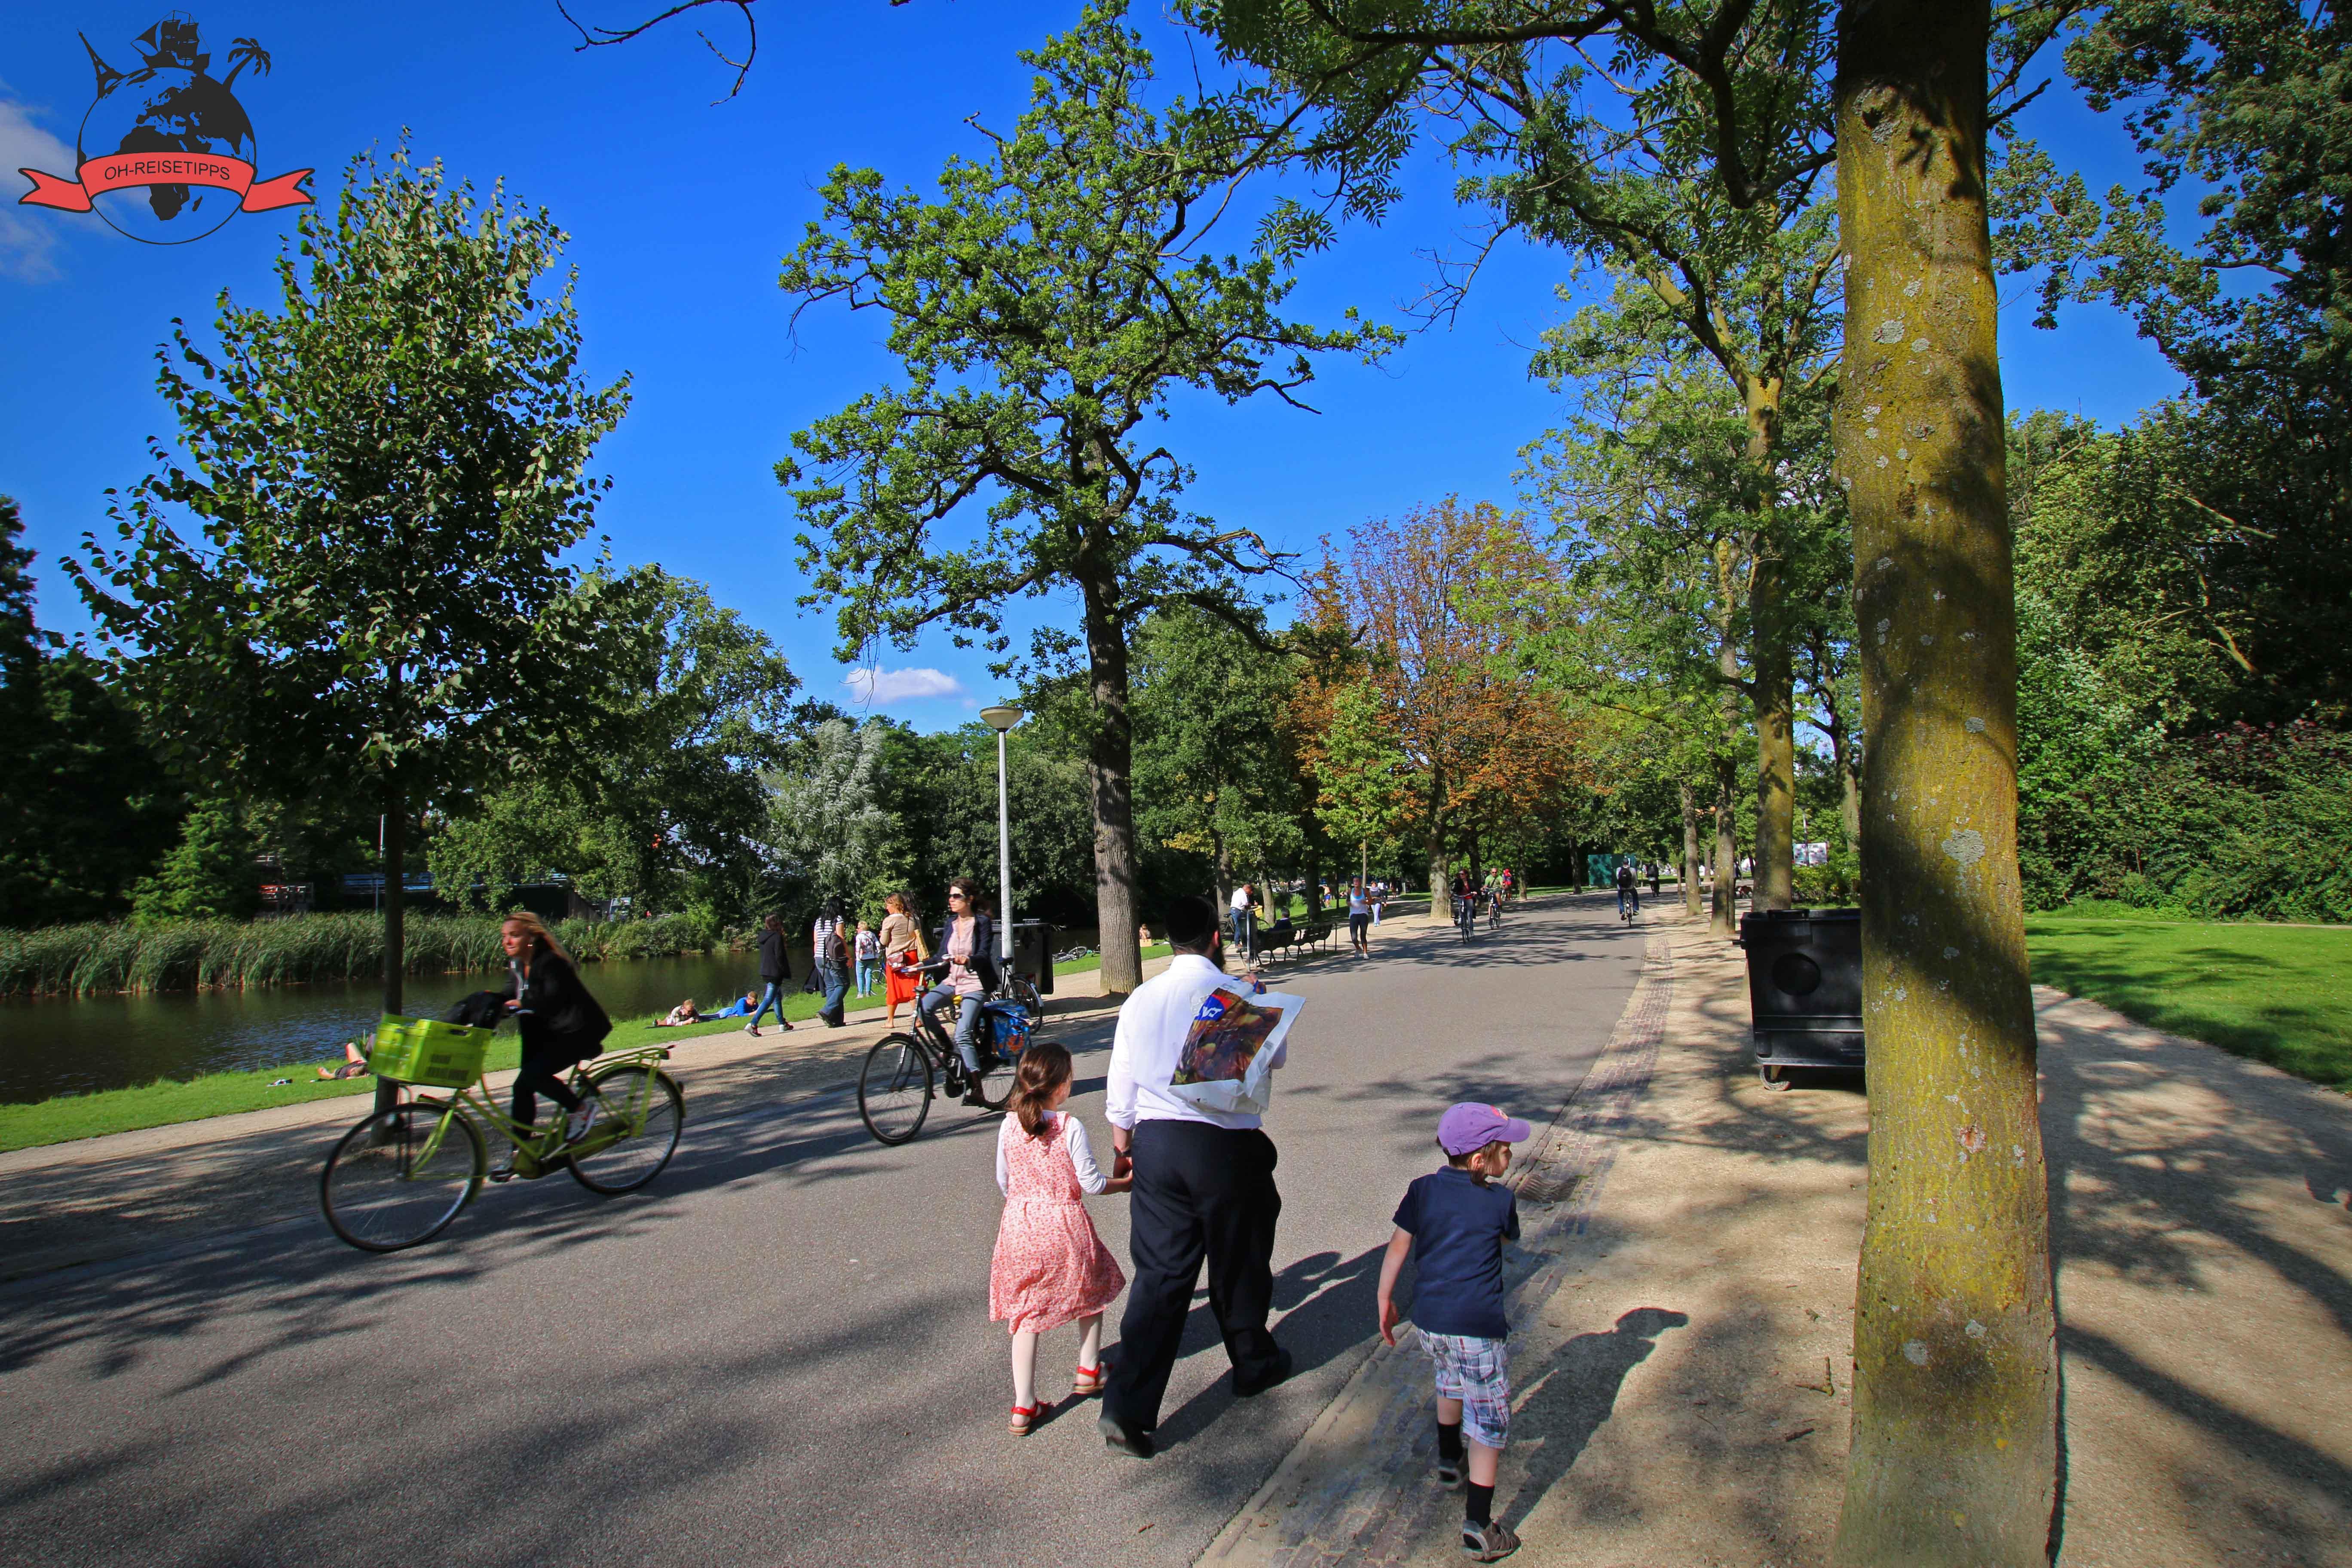 niederlande-amsterdam-vondelpark2